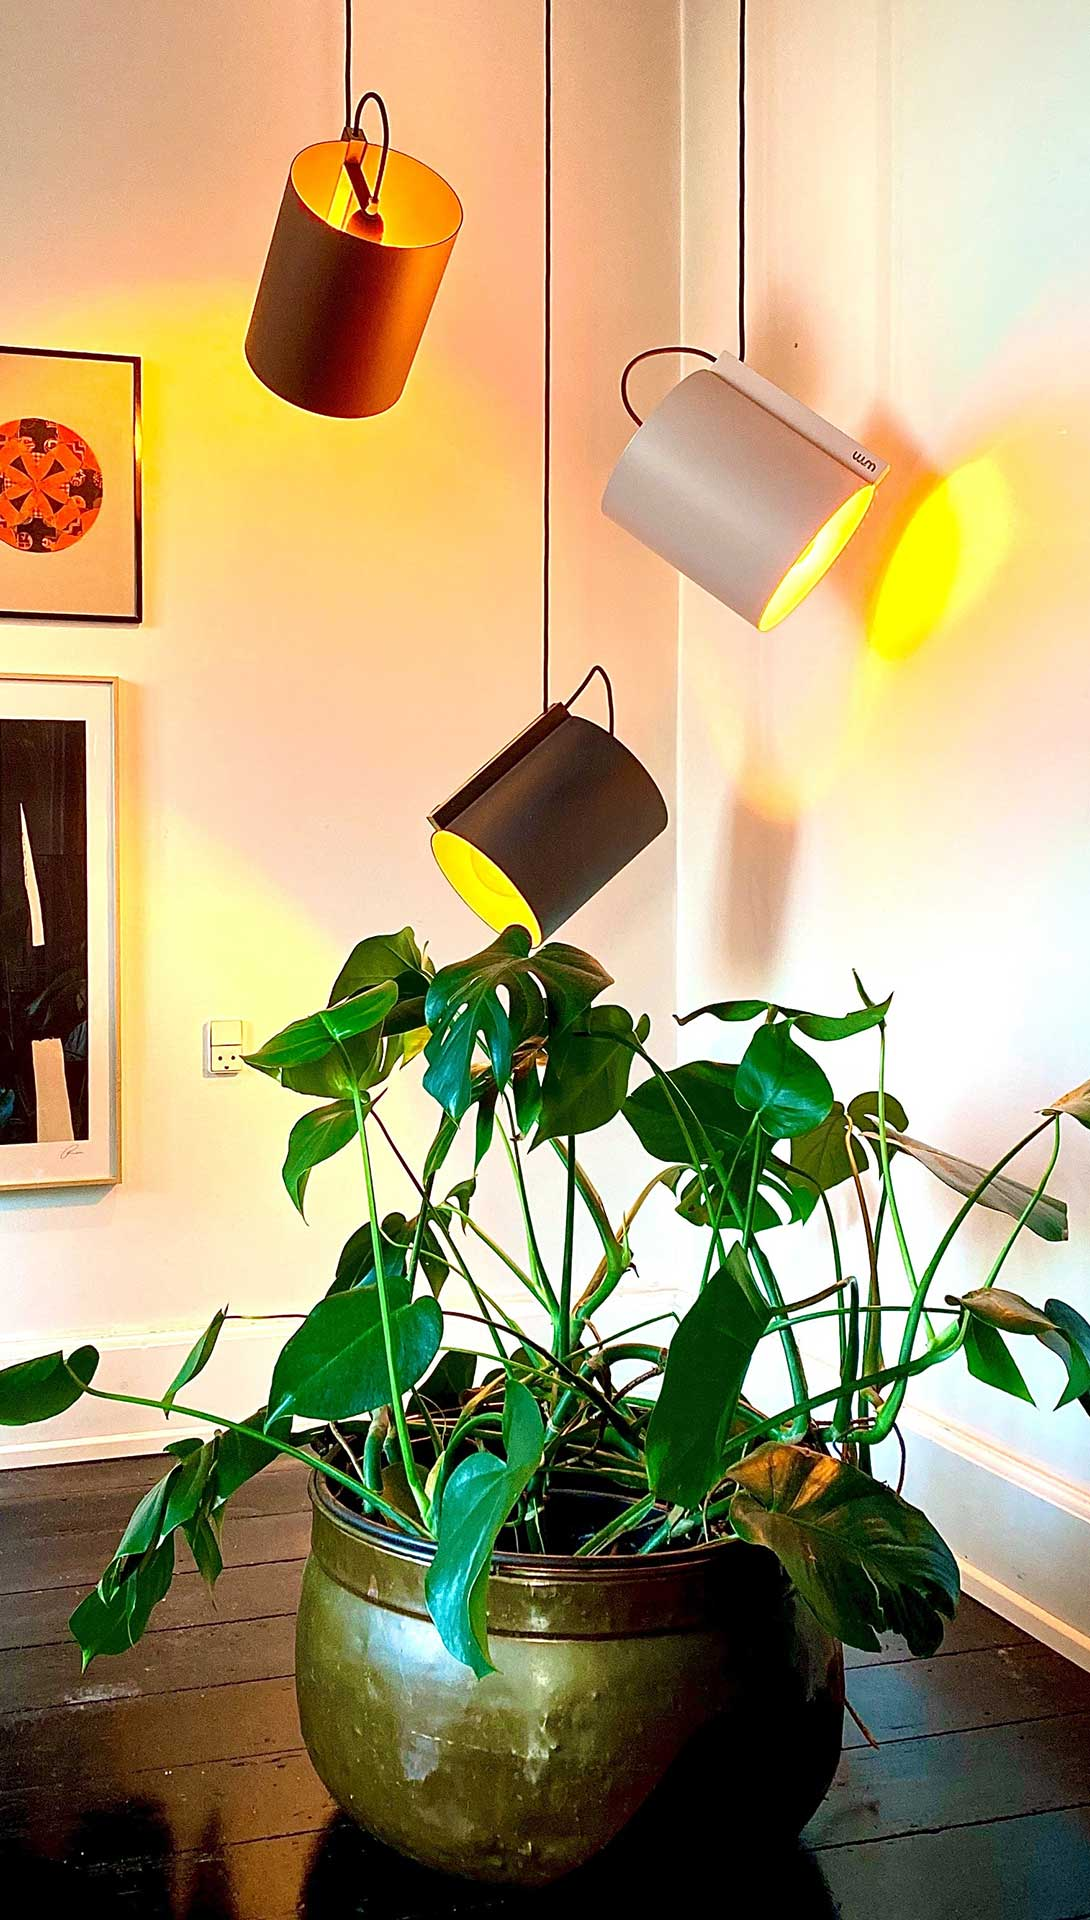 WUM Nachhaltige Lampen mit Pfiff leuchten für deinen Wohnstil desmondo